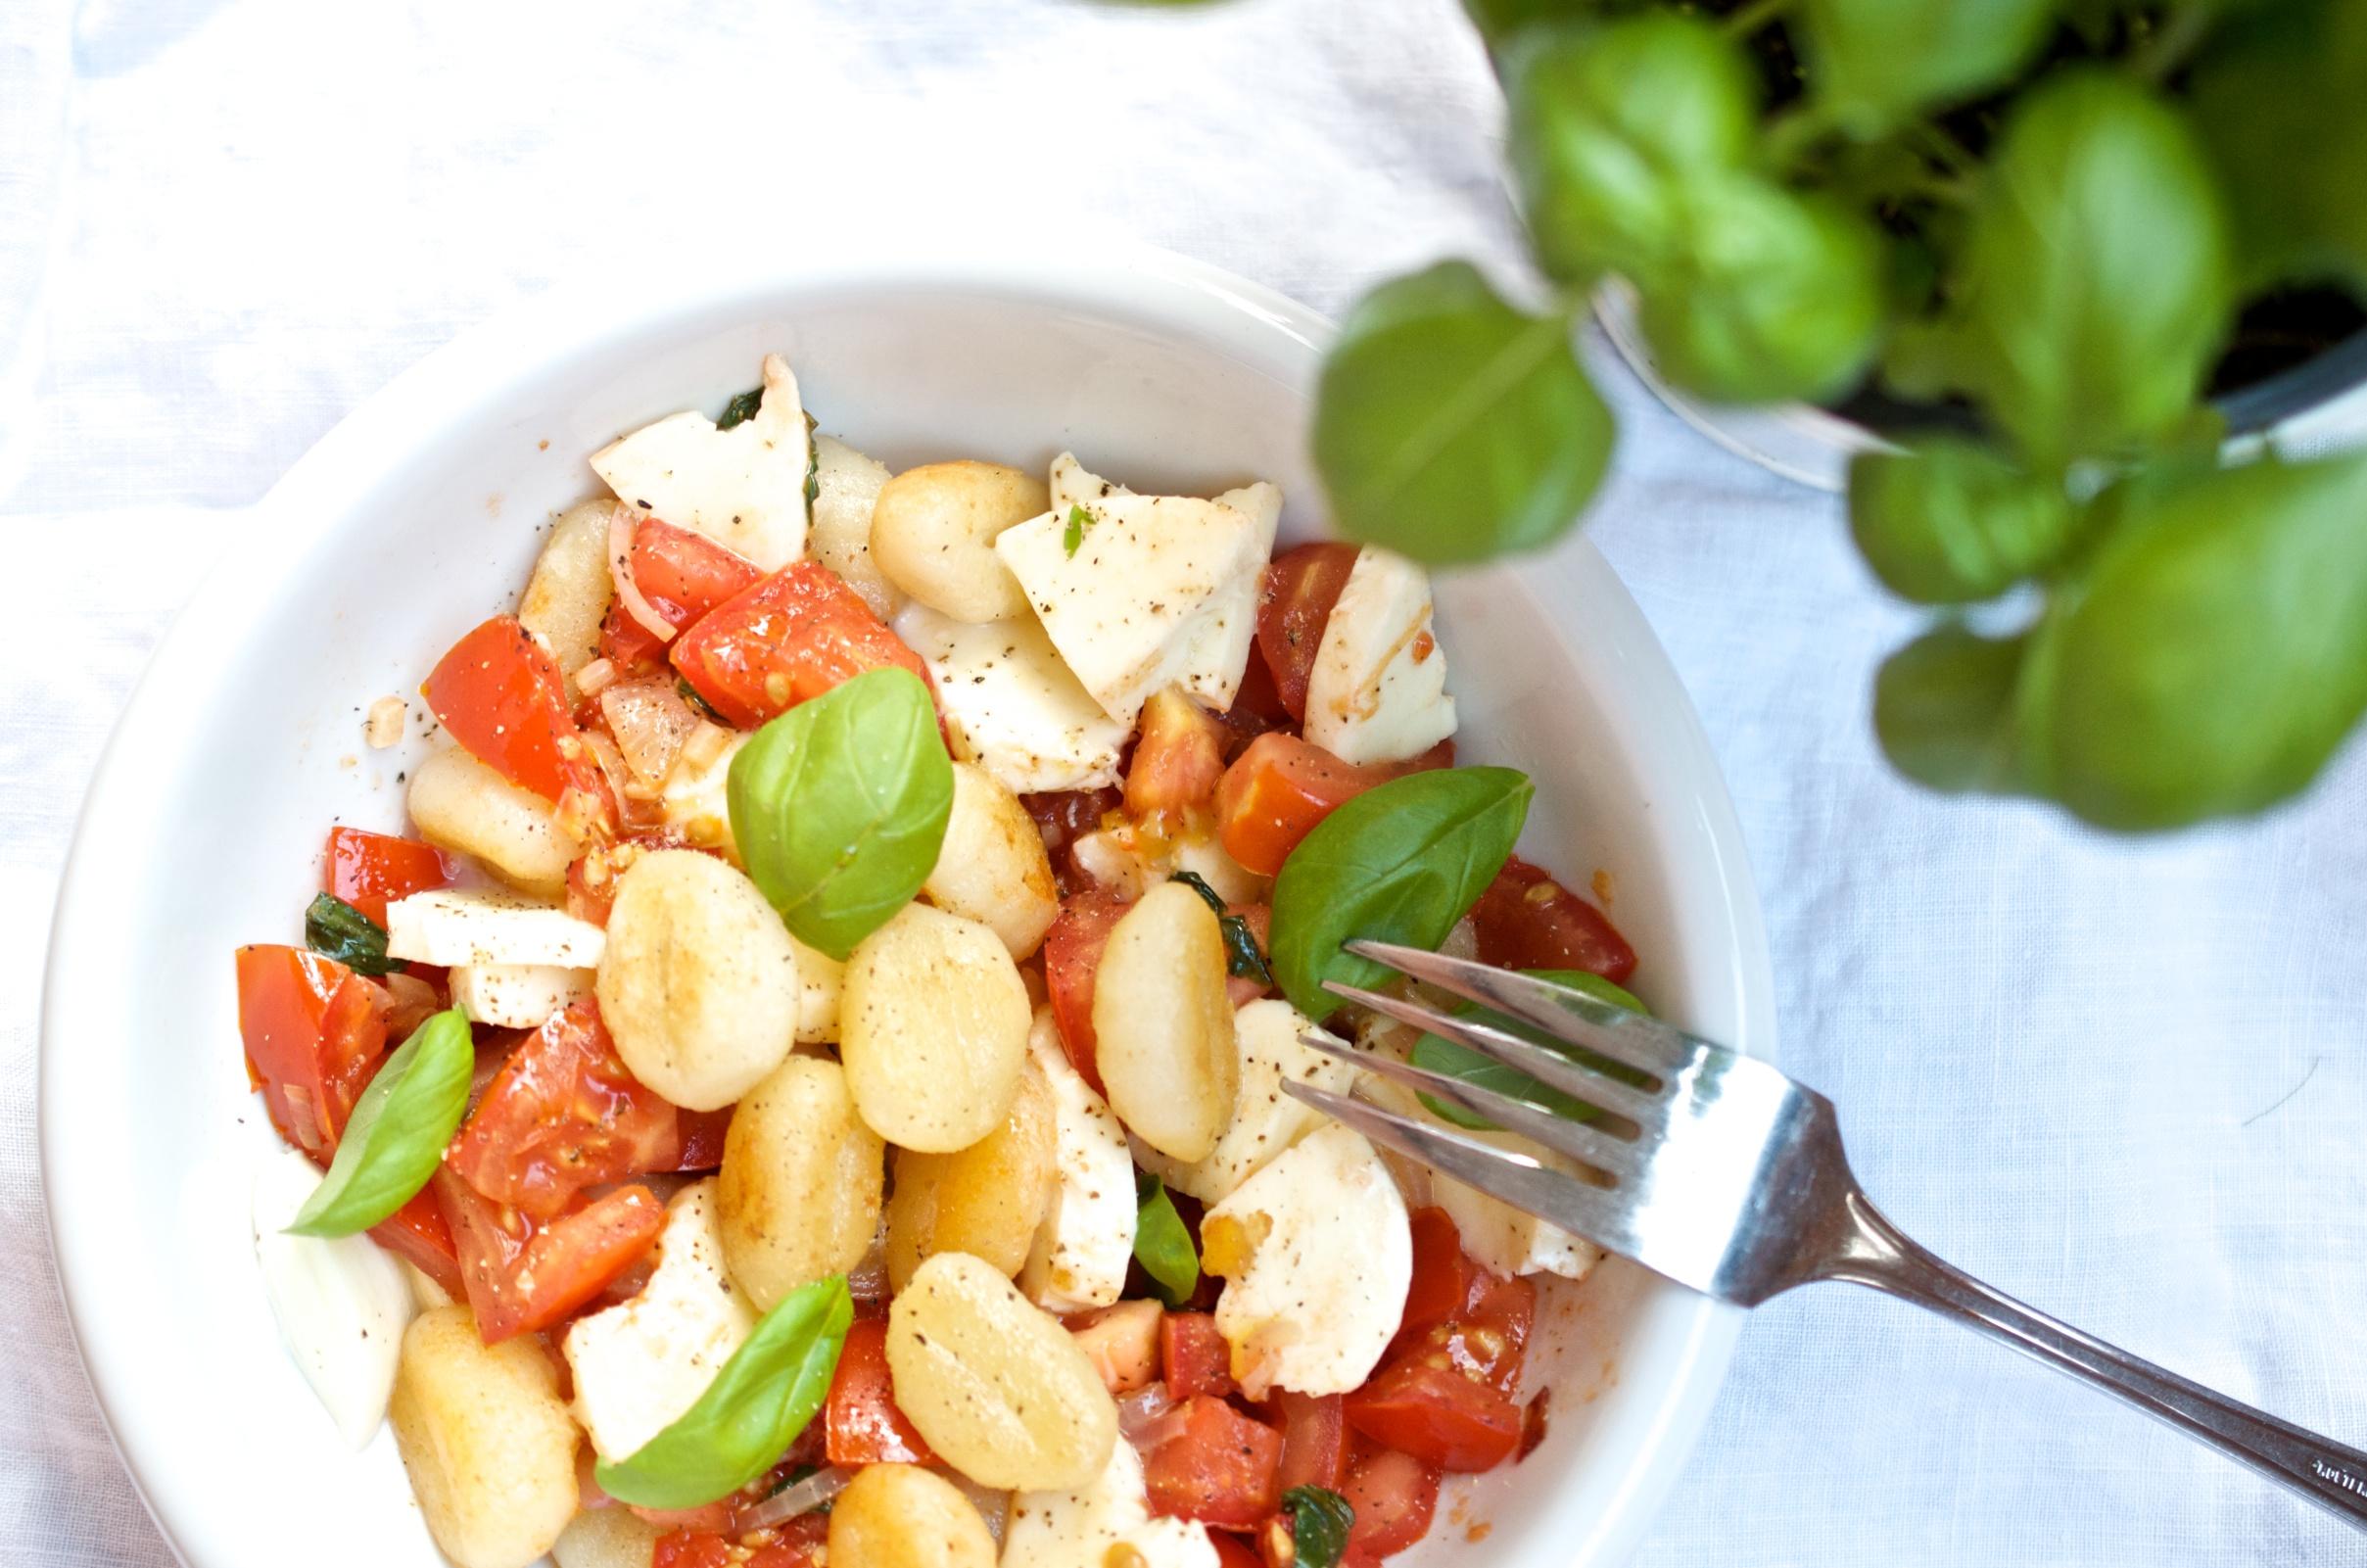 Gnocchisalat mit Mozzarella und Tomaten 1